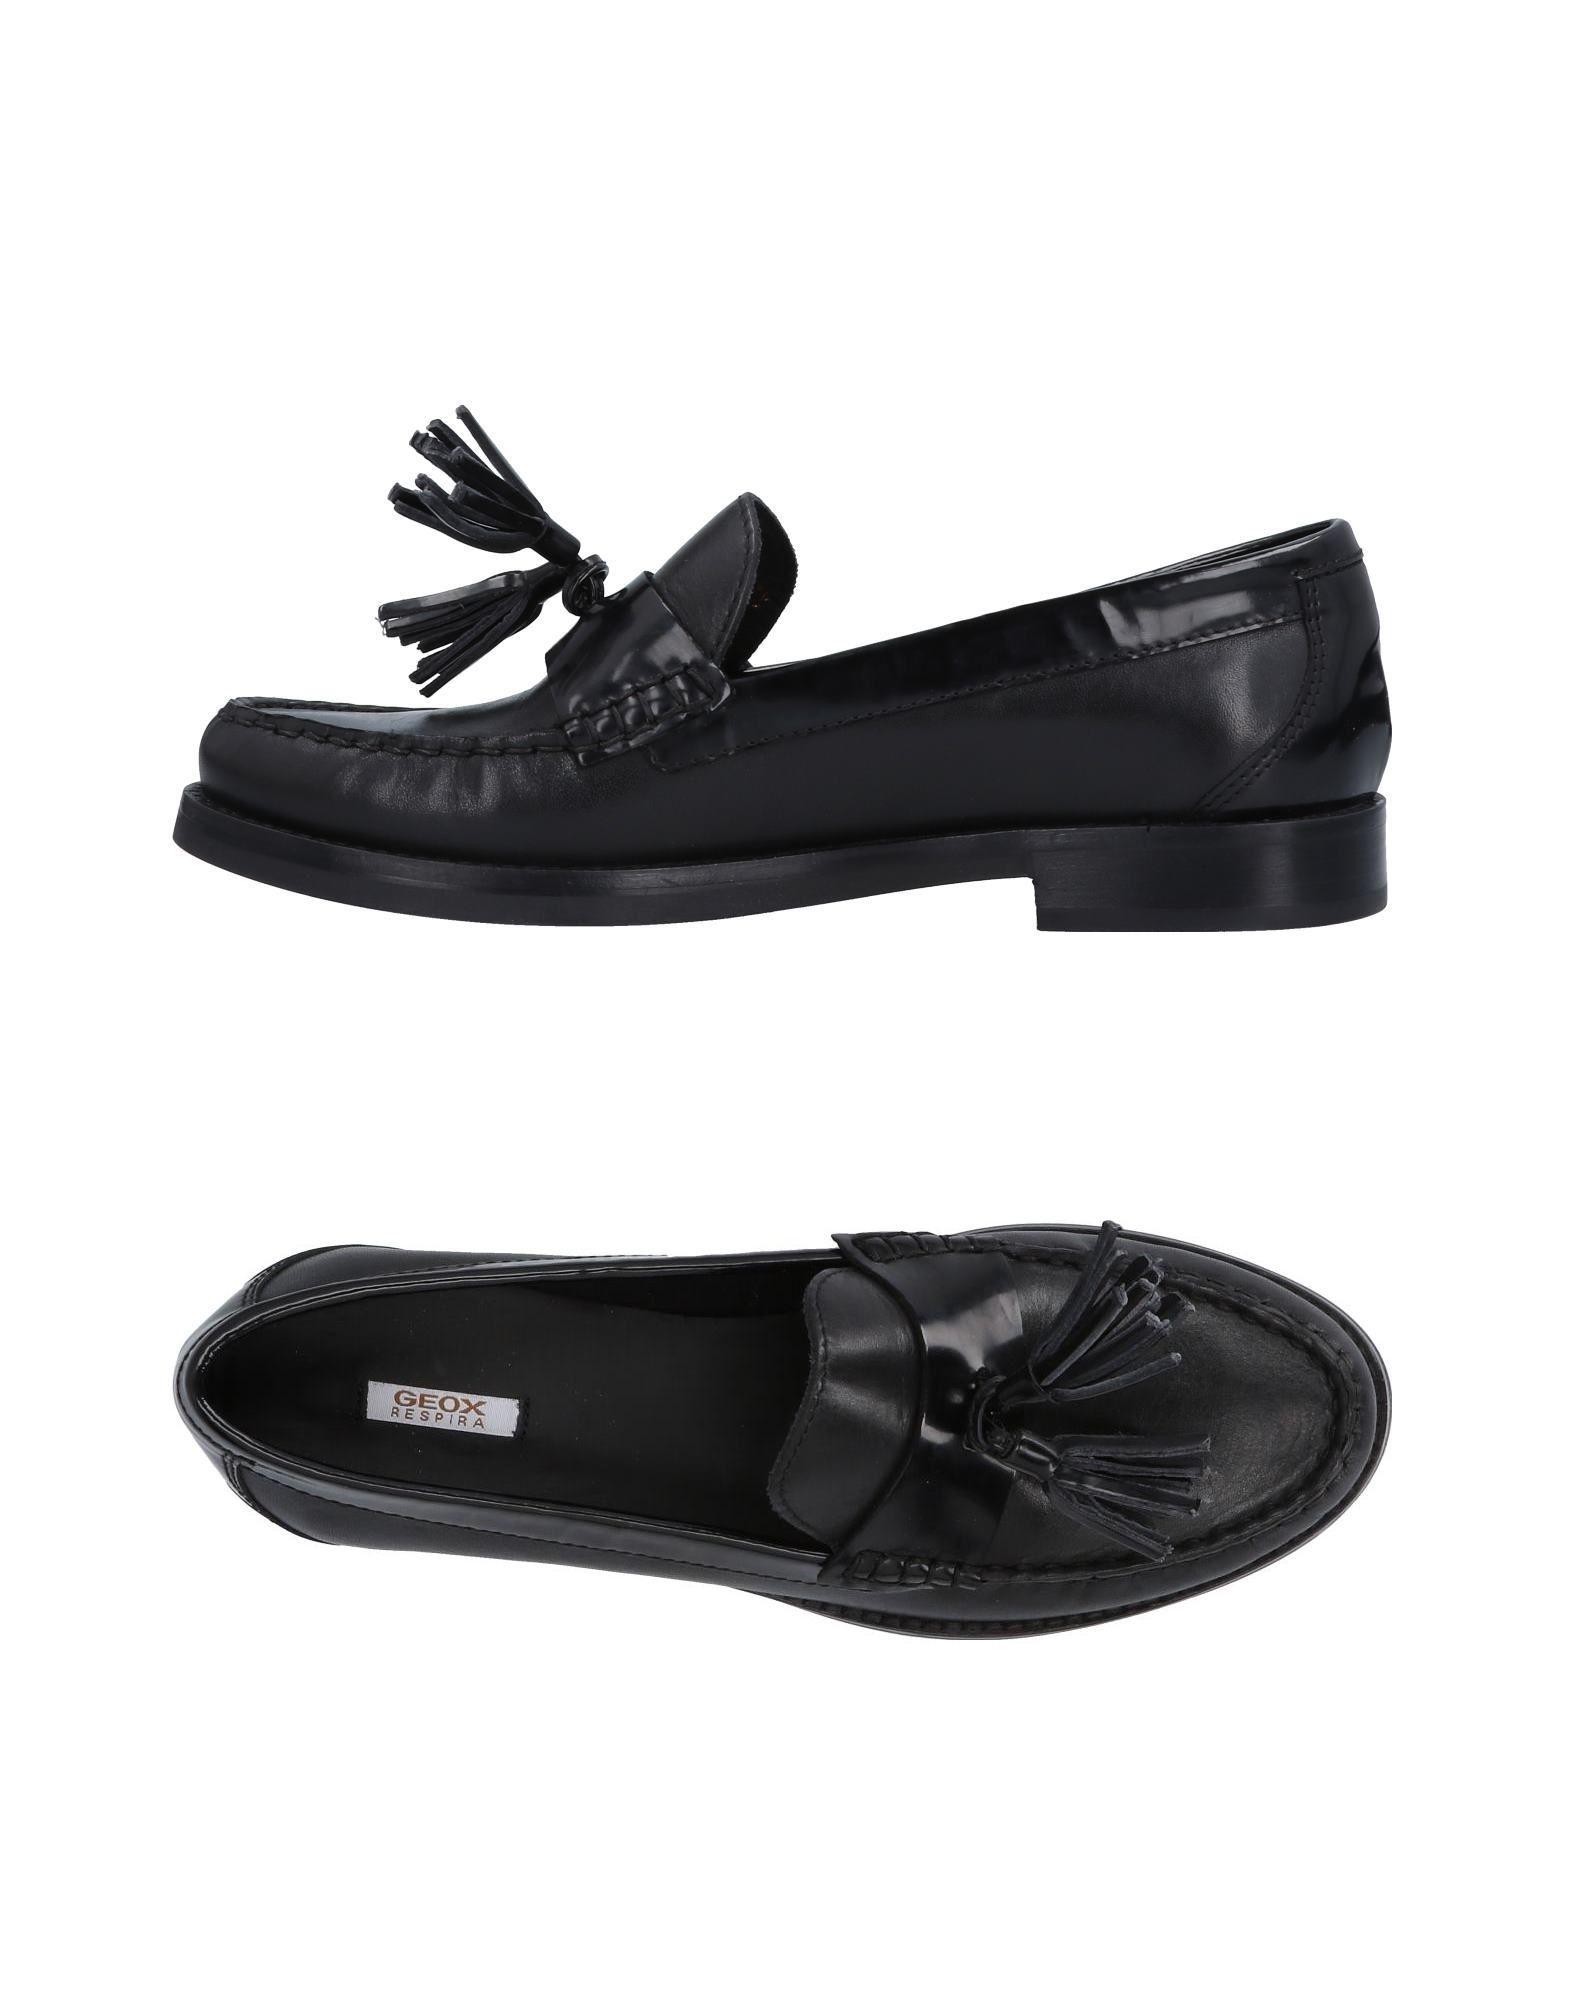 Geox Mokassins Damen  11321972VC Gute Qualität beliebte Schuhe